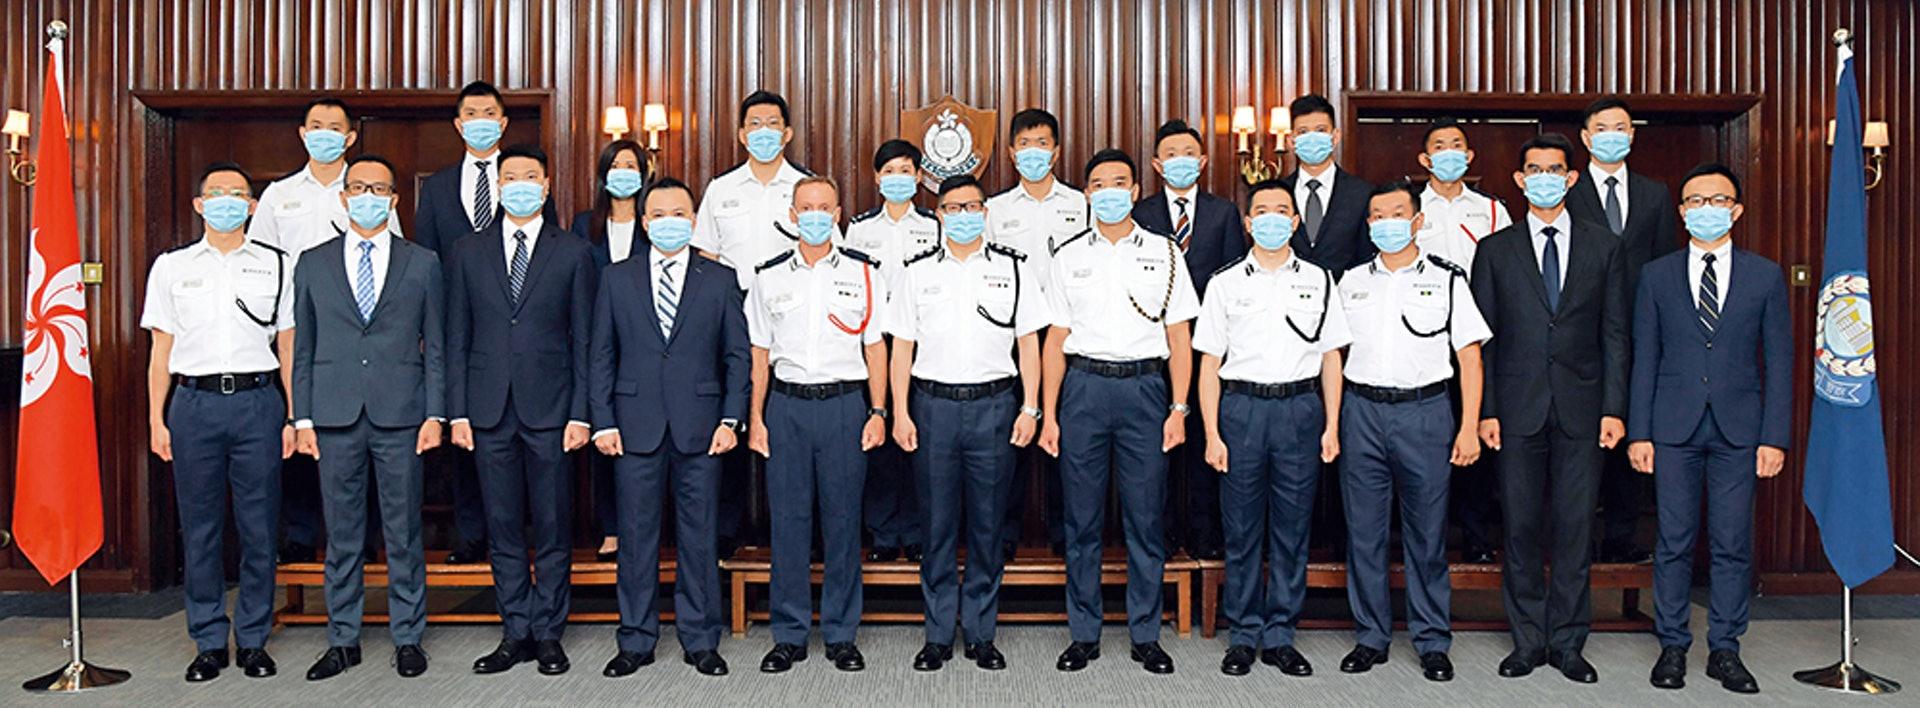 处长邓炳强(前排中)颁发晋升函件予20名人员,包括晋升为的助理处长庄定贤(前排左五)。(图/警声网)